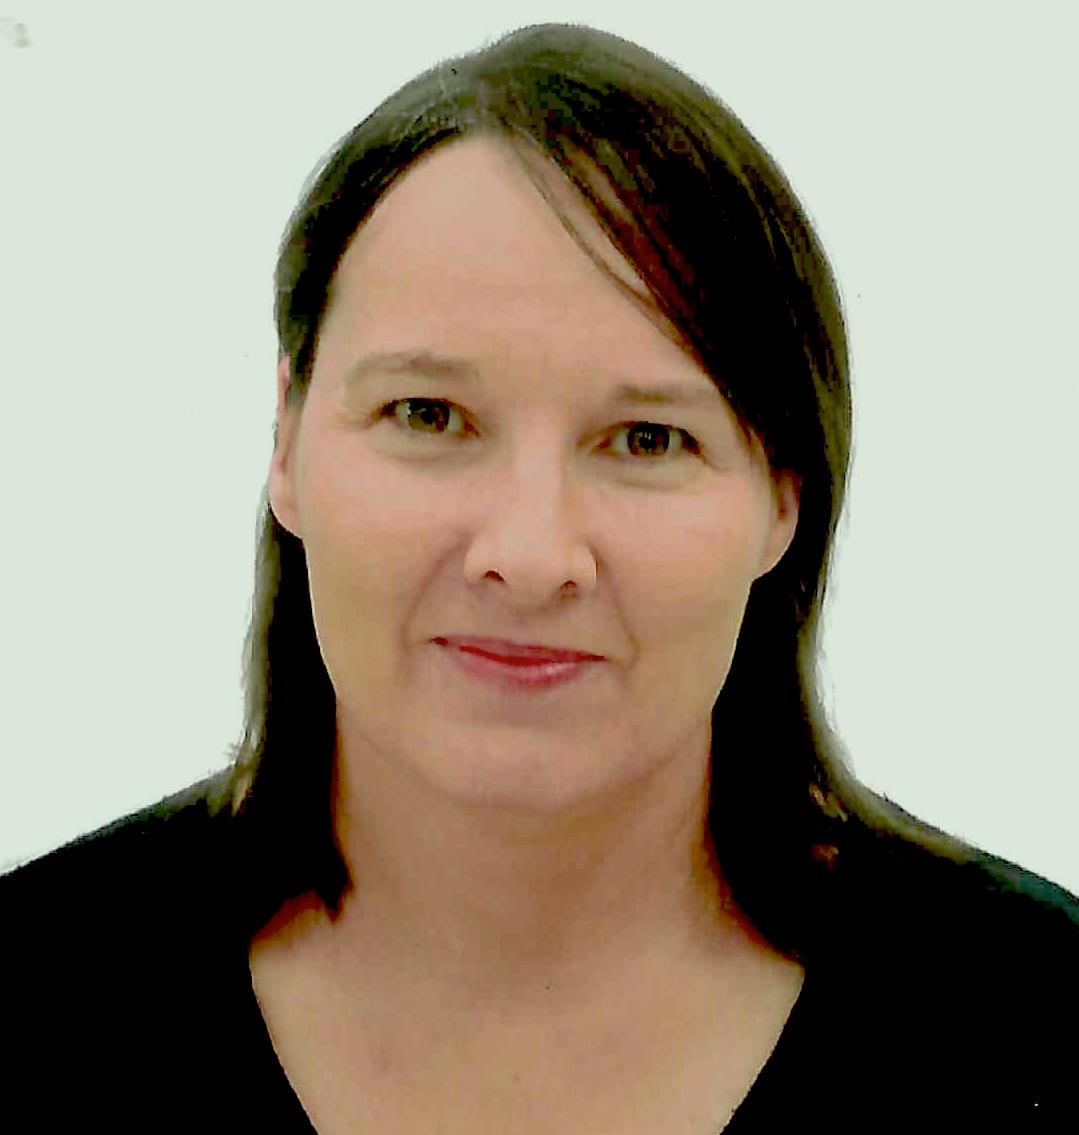 Gelber Profile Photo copy